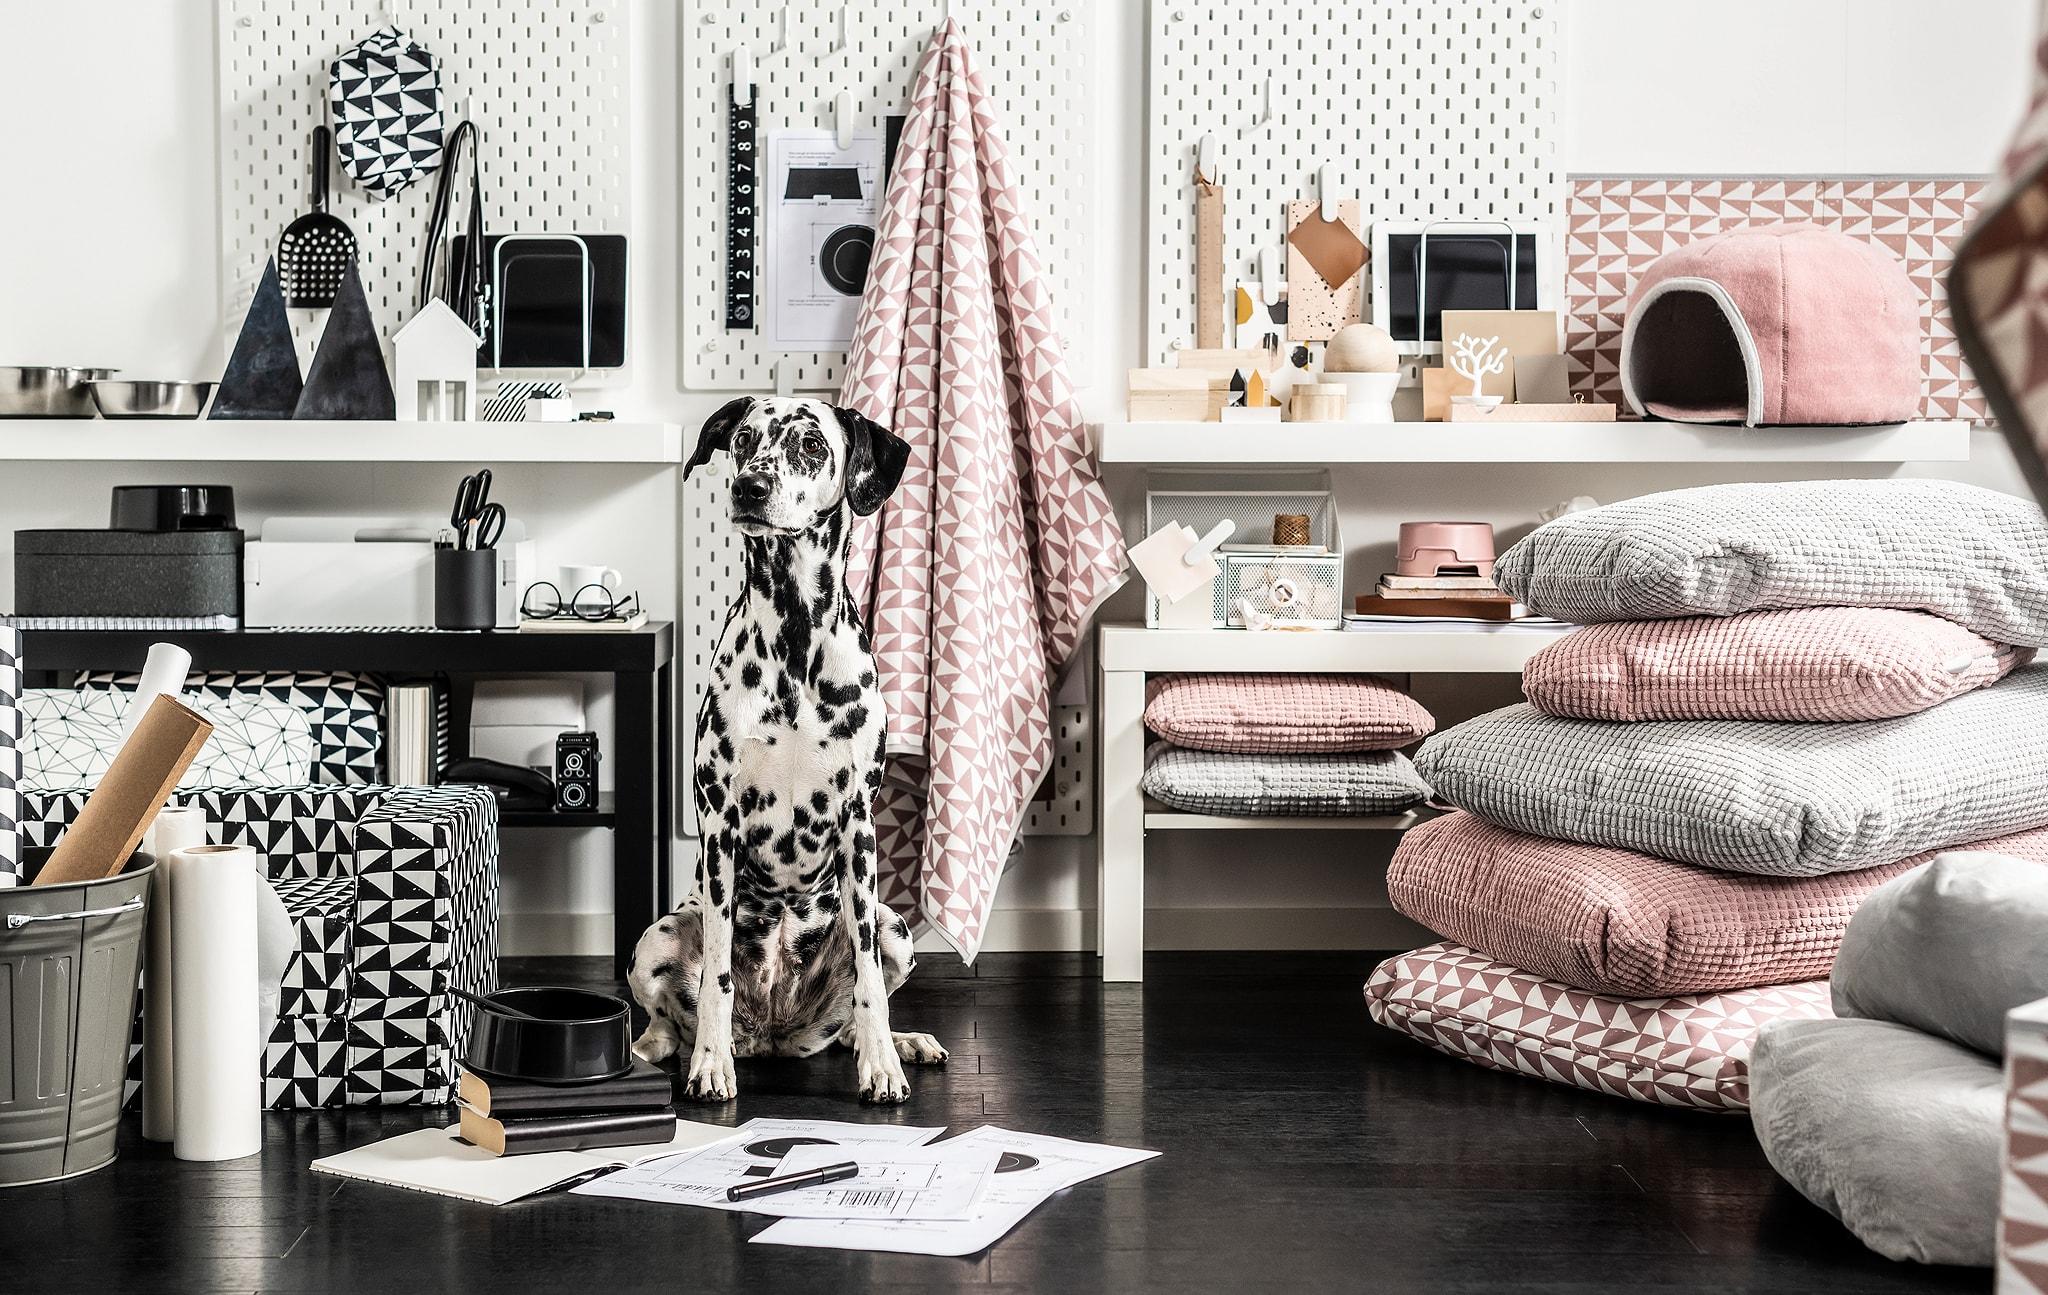 一隻坐直的斑點狗,身旁有顏色相襯的寵物傢具、布藝產品及配件。